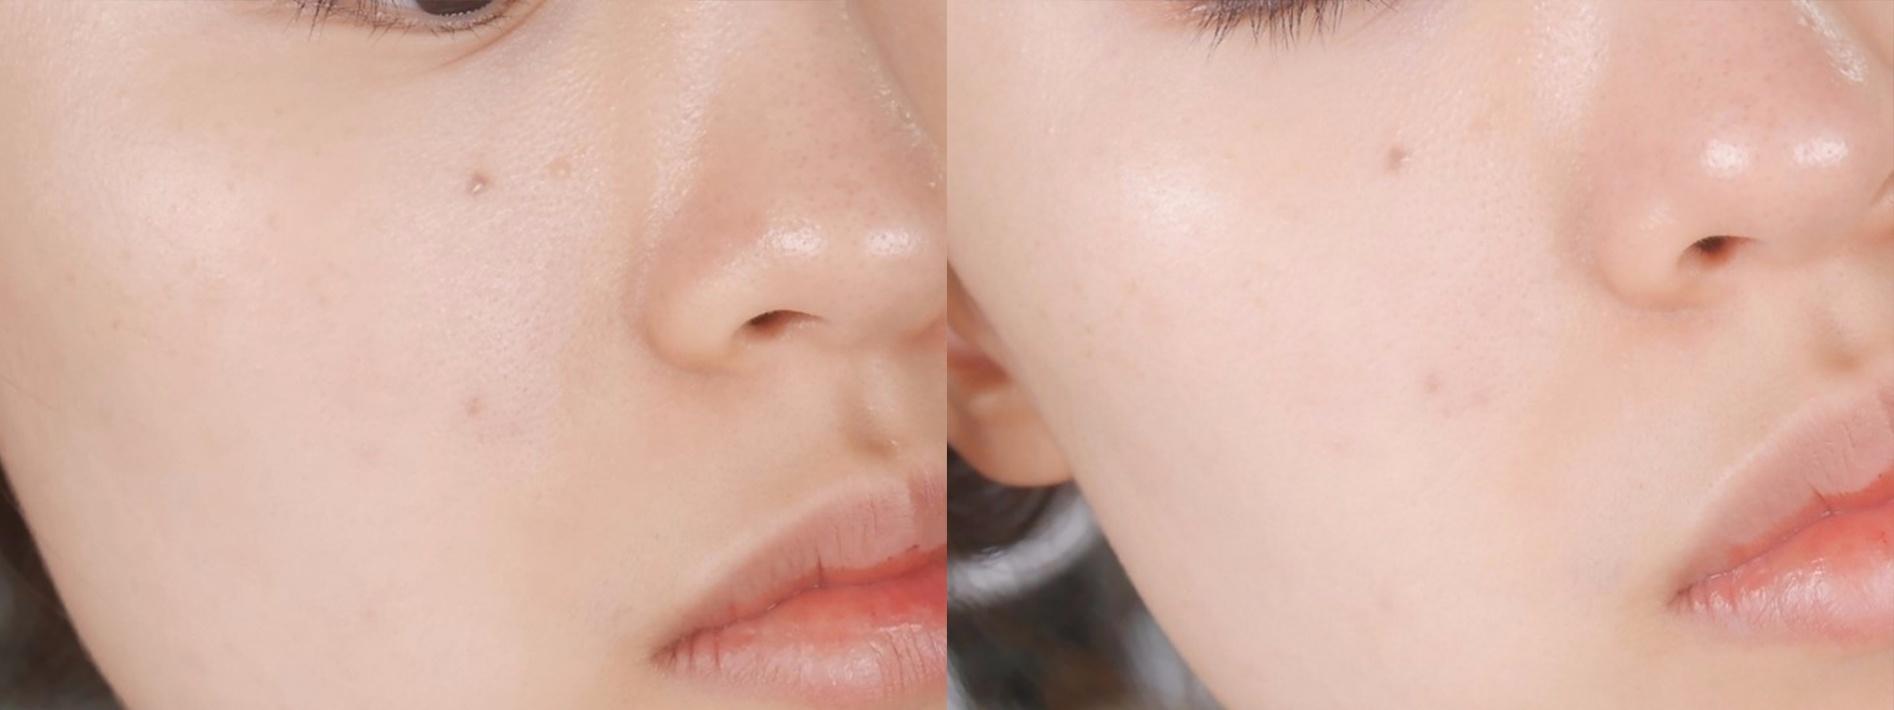 使用過後肌膚的保水度提升,老廢角質被清除後整個臉也變得細緻平滑,甚至變得更明亮了~